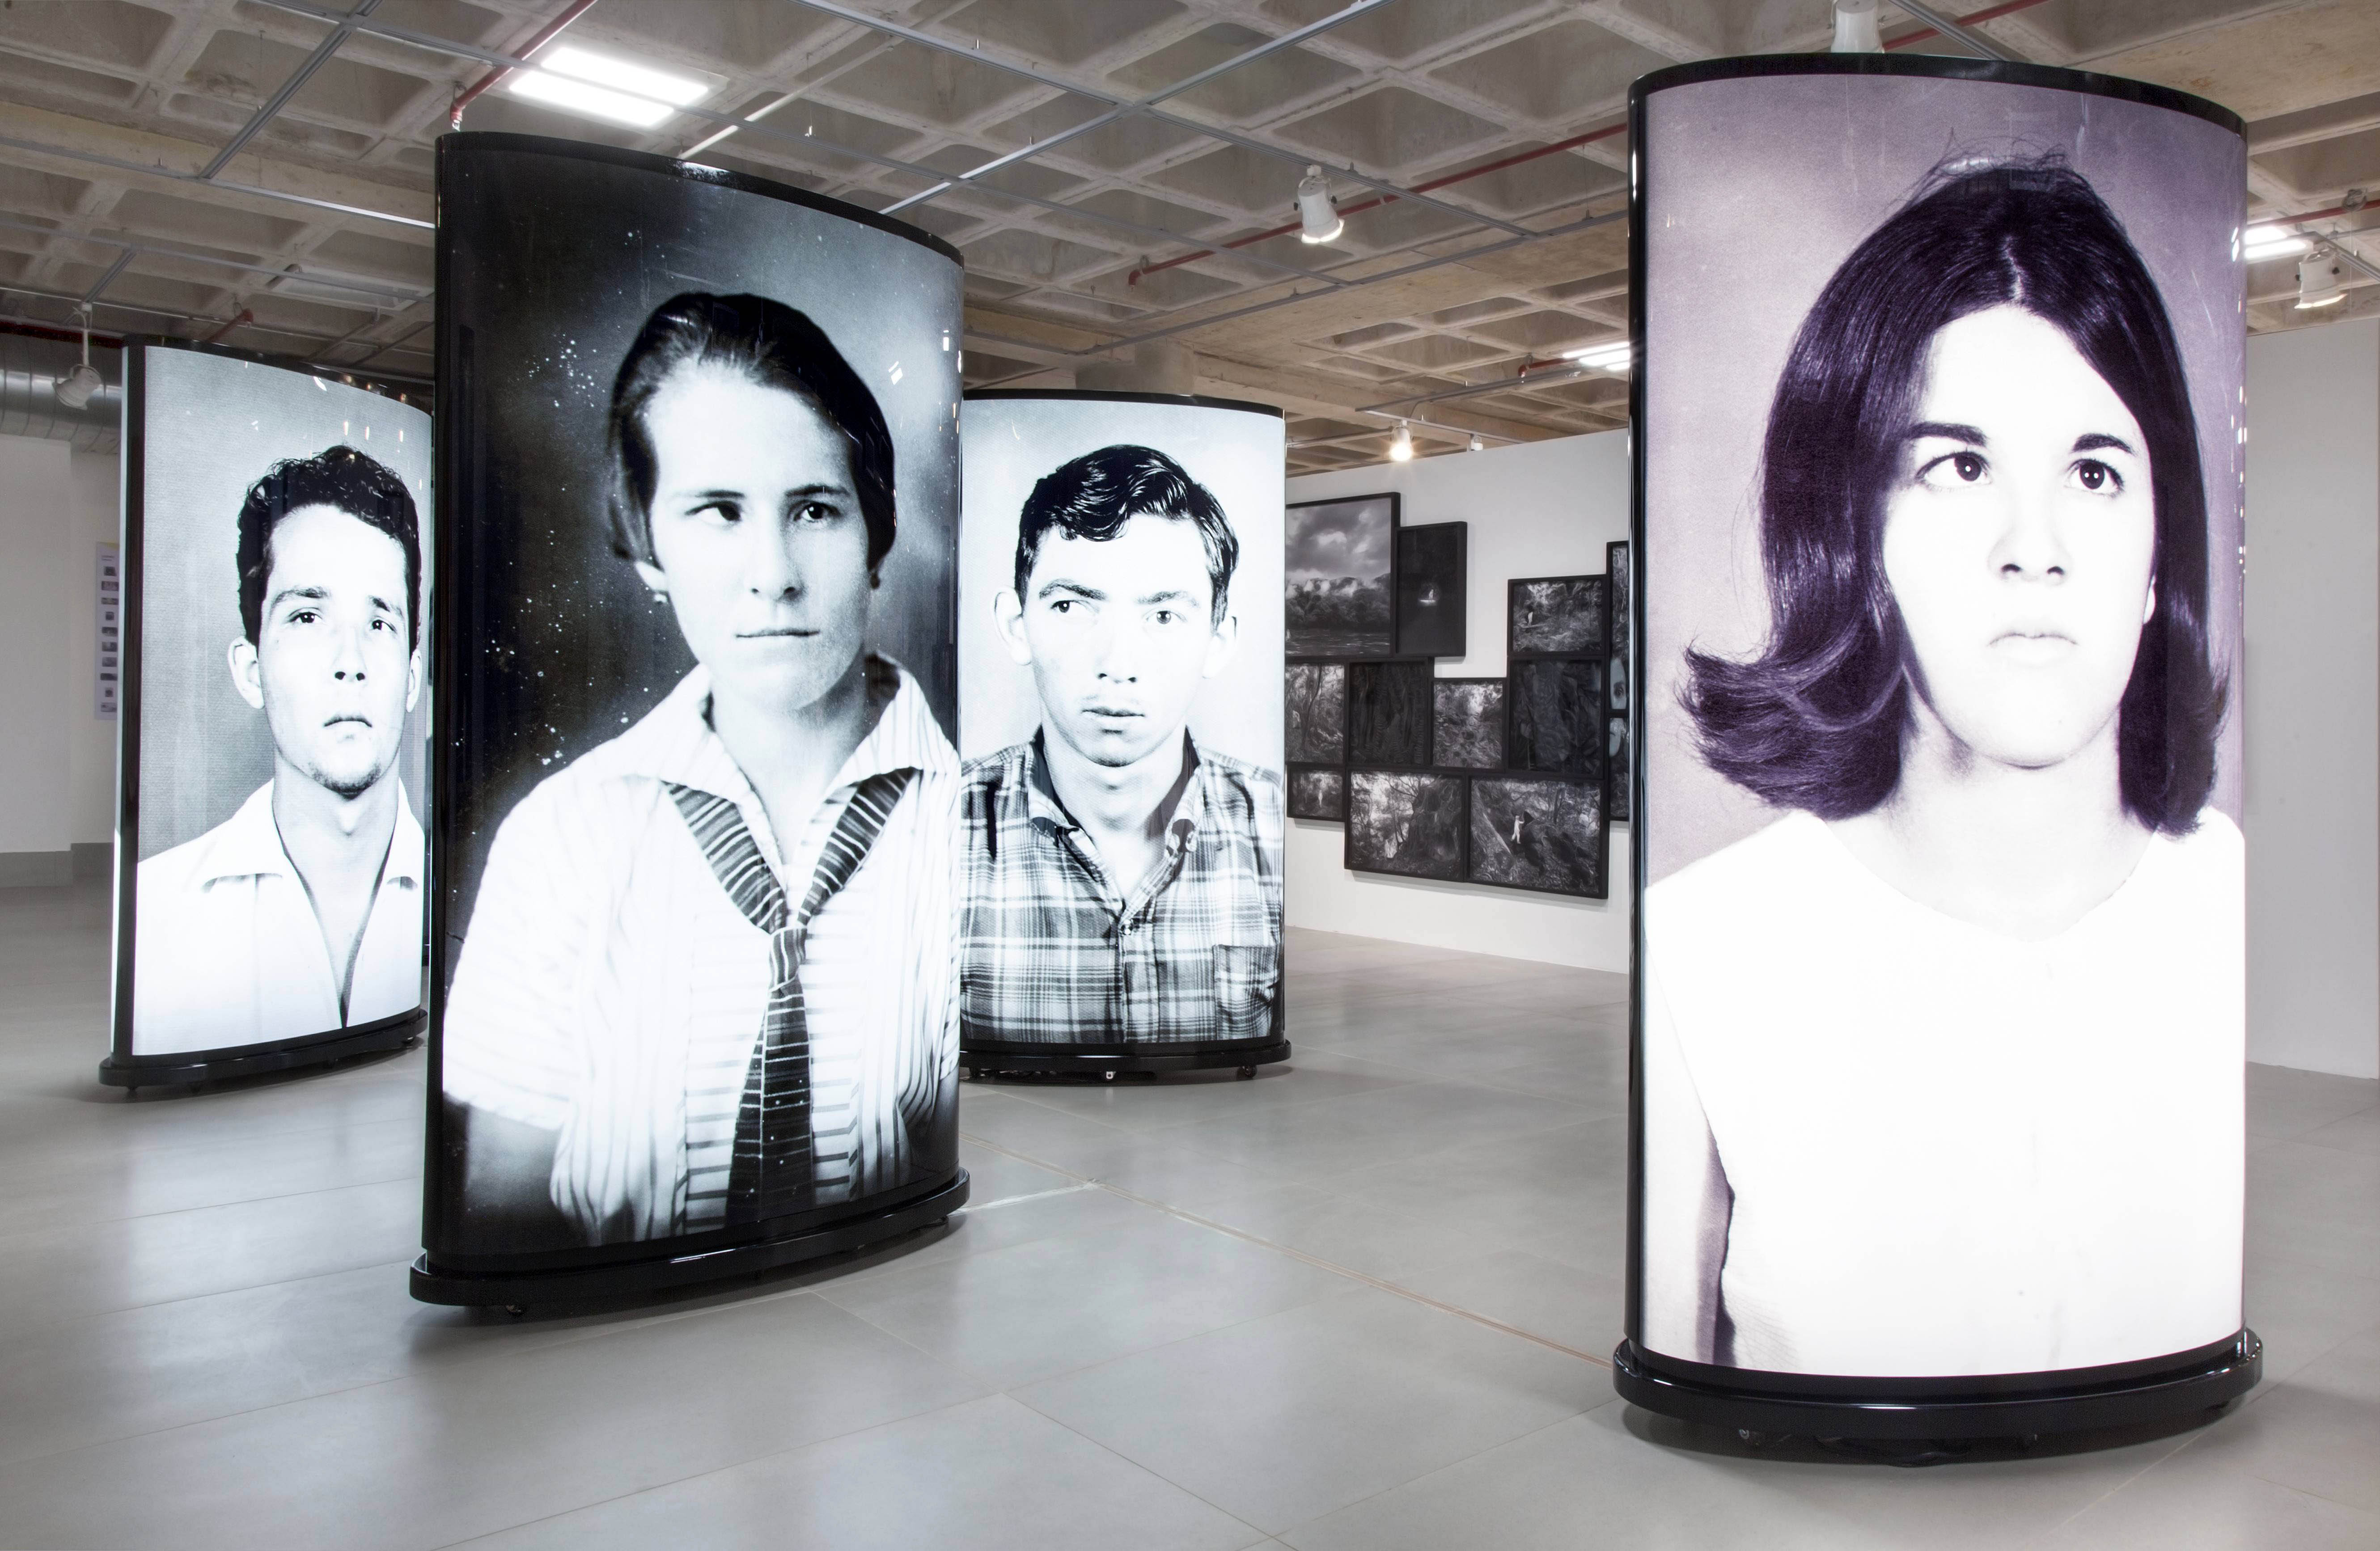 """ROCHELLE-COSTI-Desvios""""-–-2007-fotografia-em-duratrans-montadas-em-back-light-200-x-110-x-45-cm-cada-total-de-5-obras-–-Foto-Isaias-Martins.jpg"""